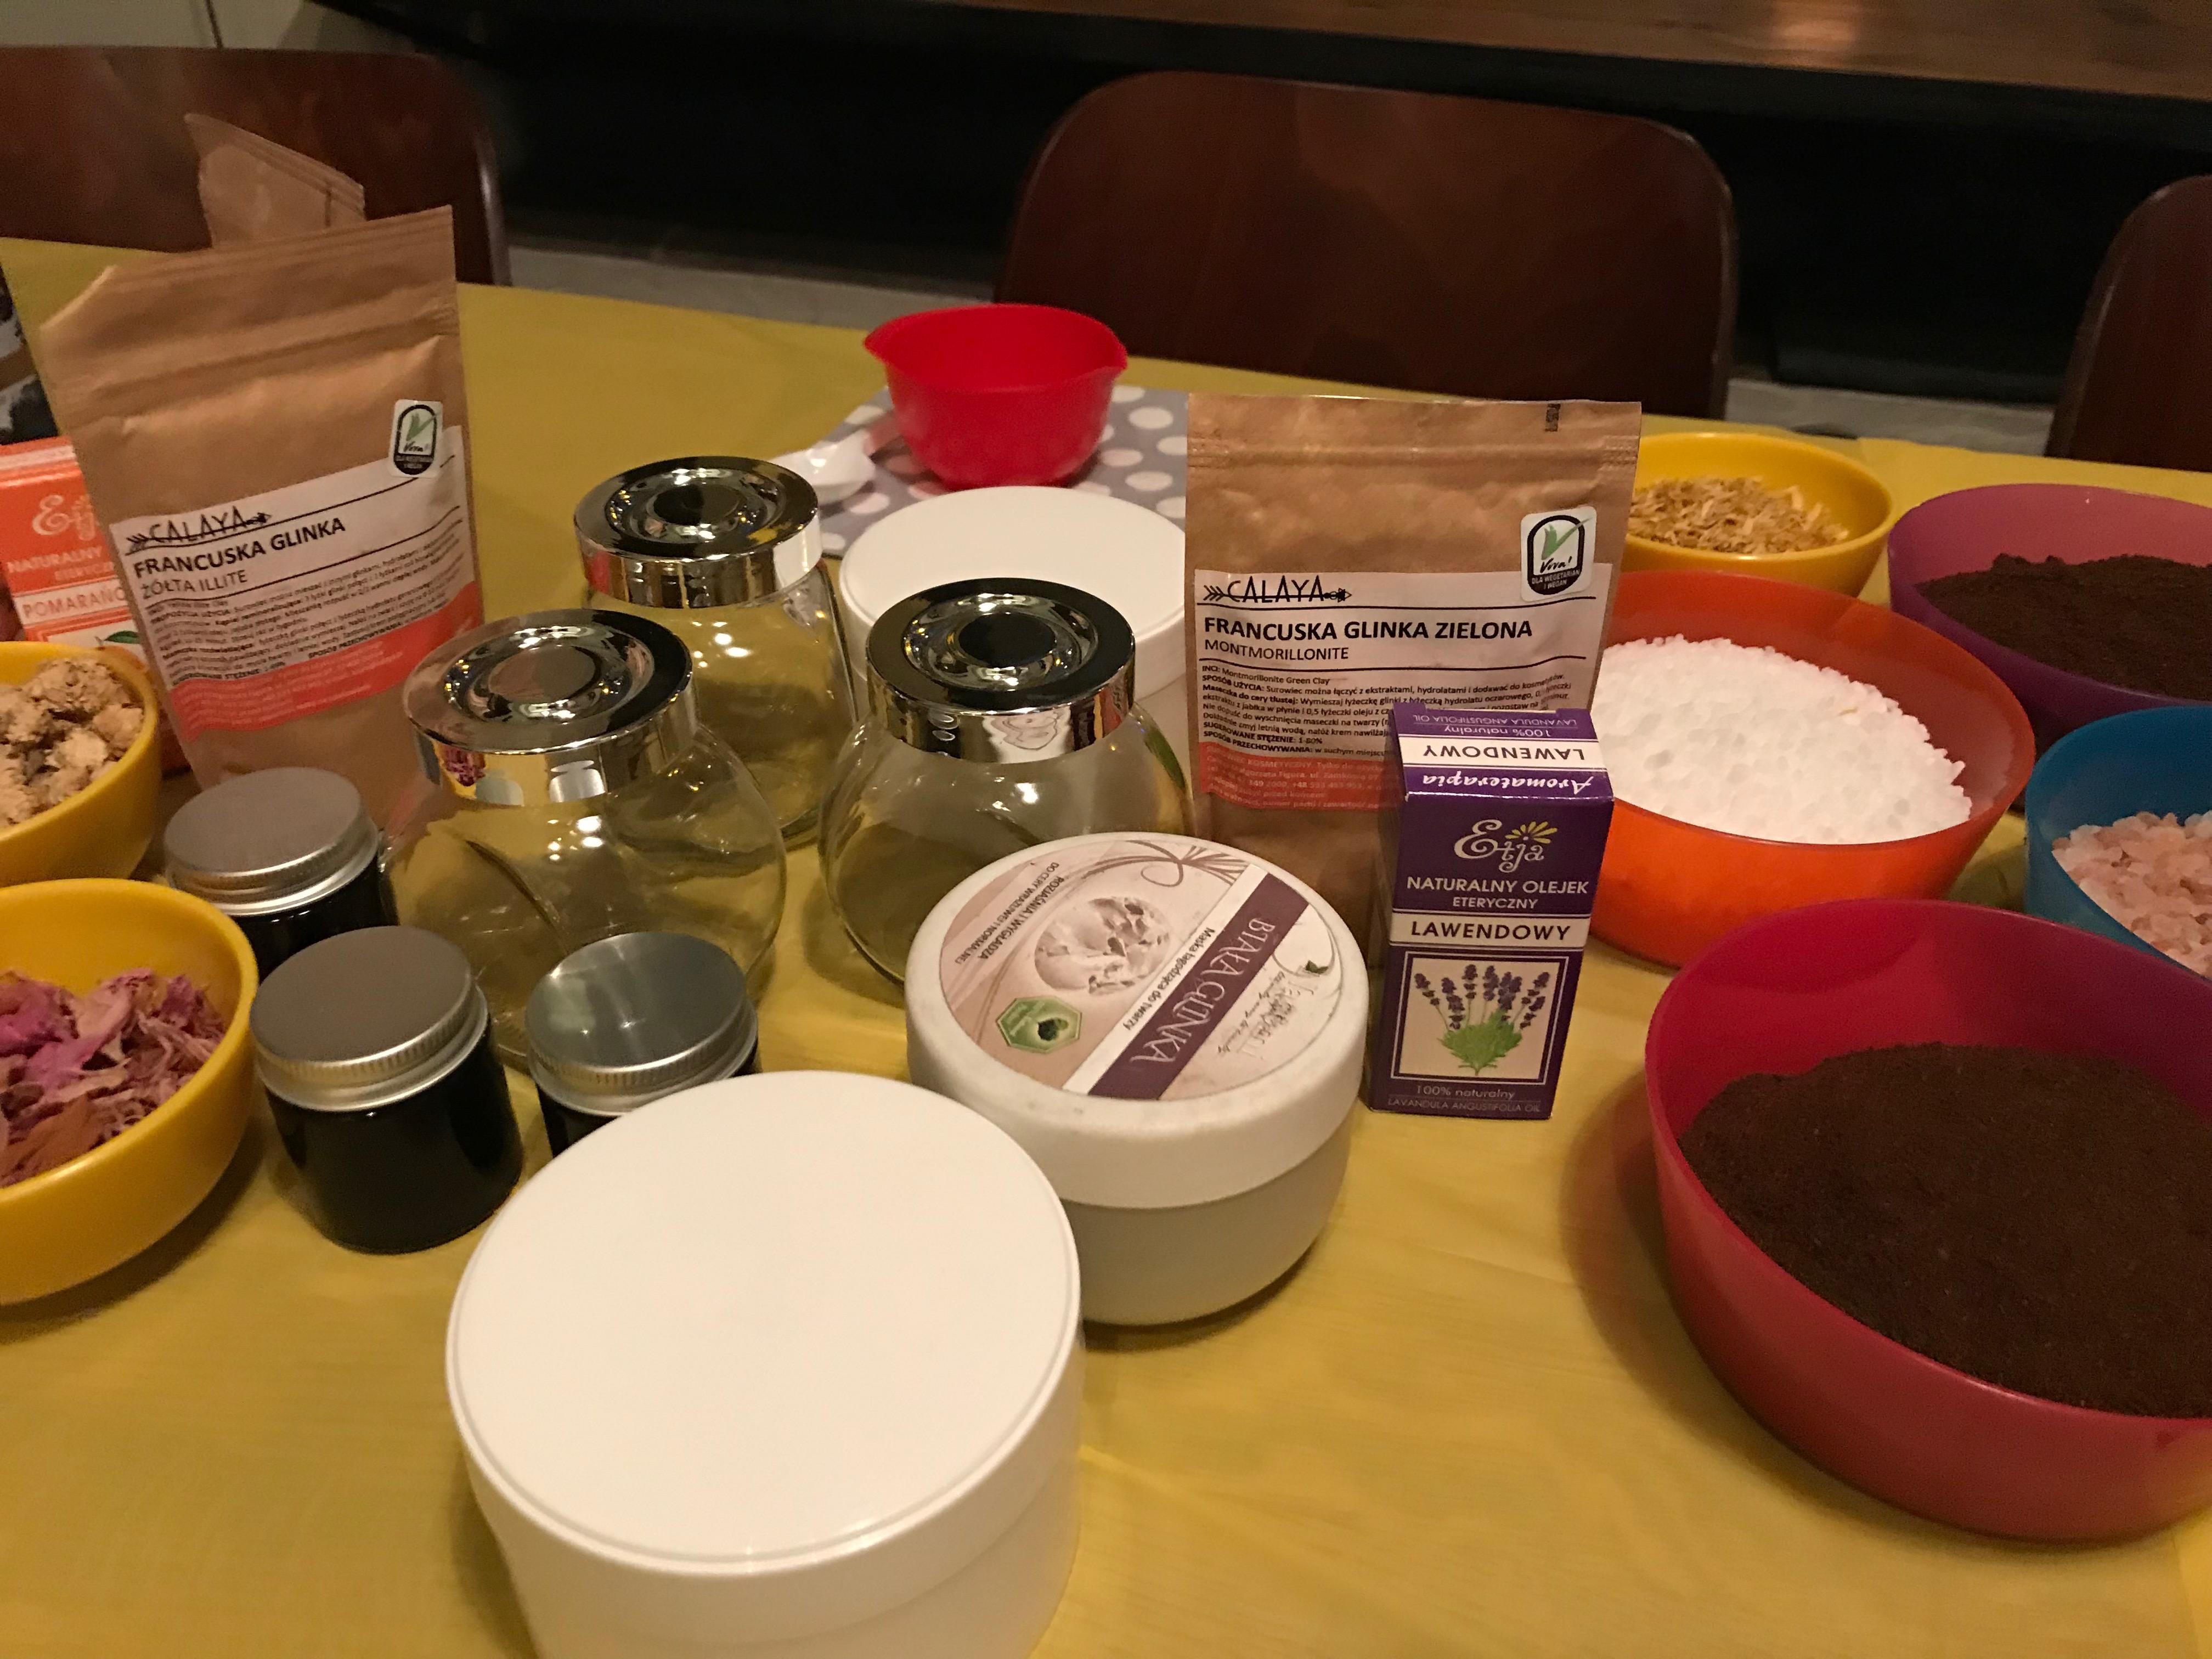 Jak urozmaicić wieczór panieński? Warsztaty tworzenia naturalnych kosmetyków – znów jesteśmy w Warszawie